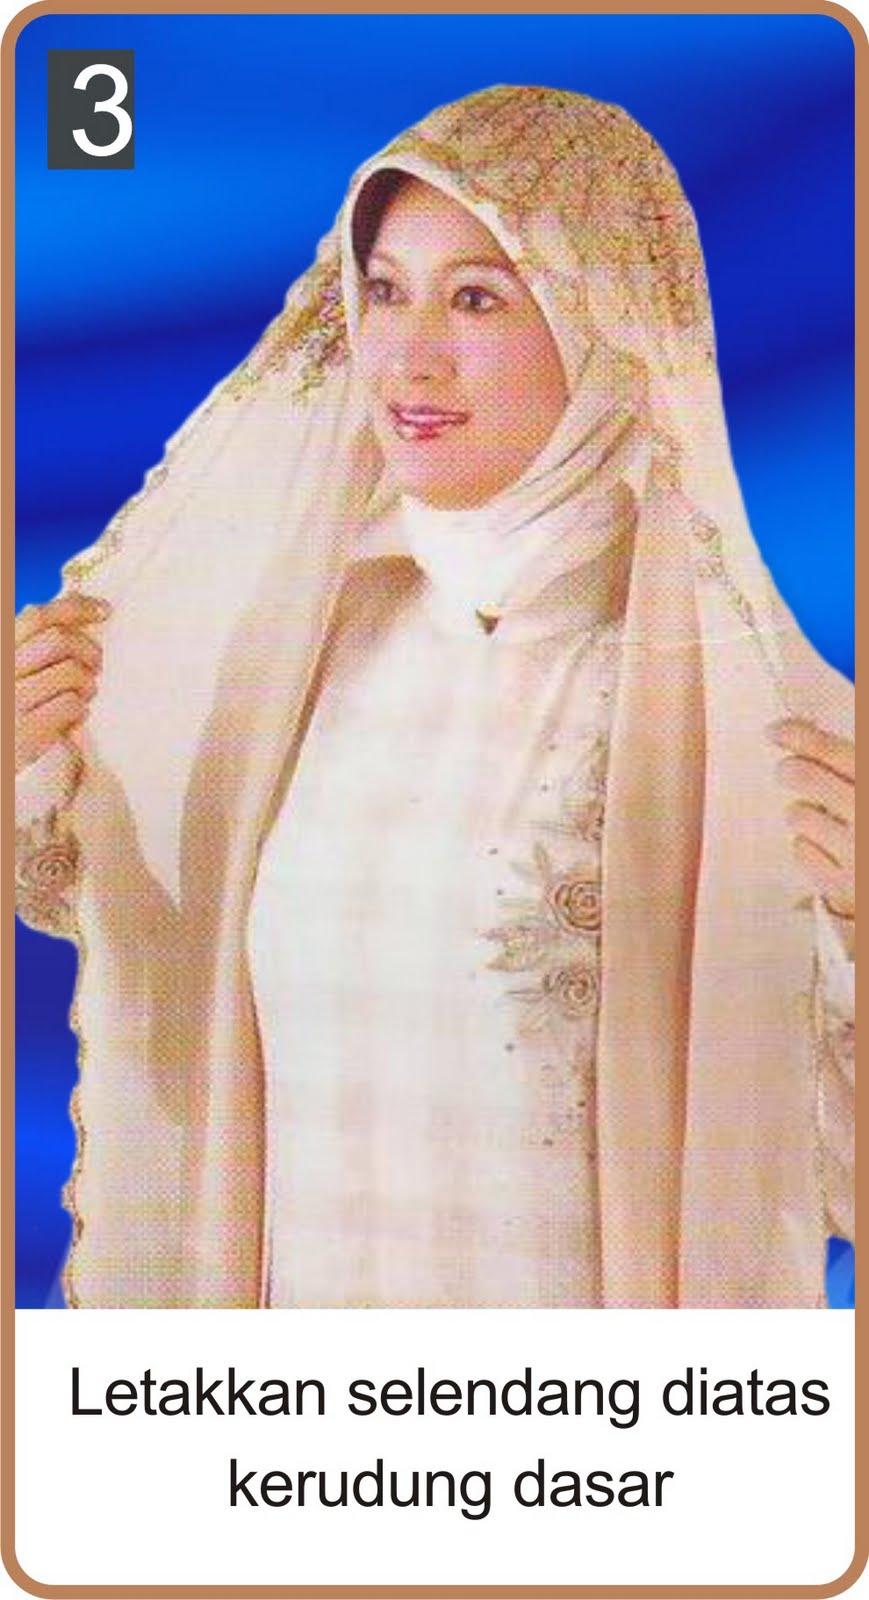 Download Wallpaper Gambar Wanita Cantik Berkerudung Terbaru